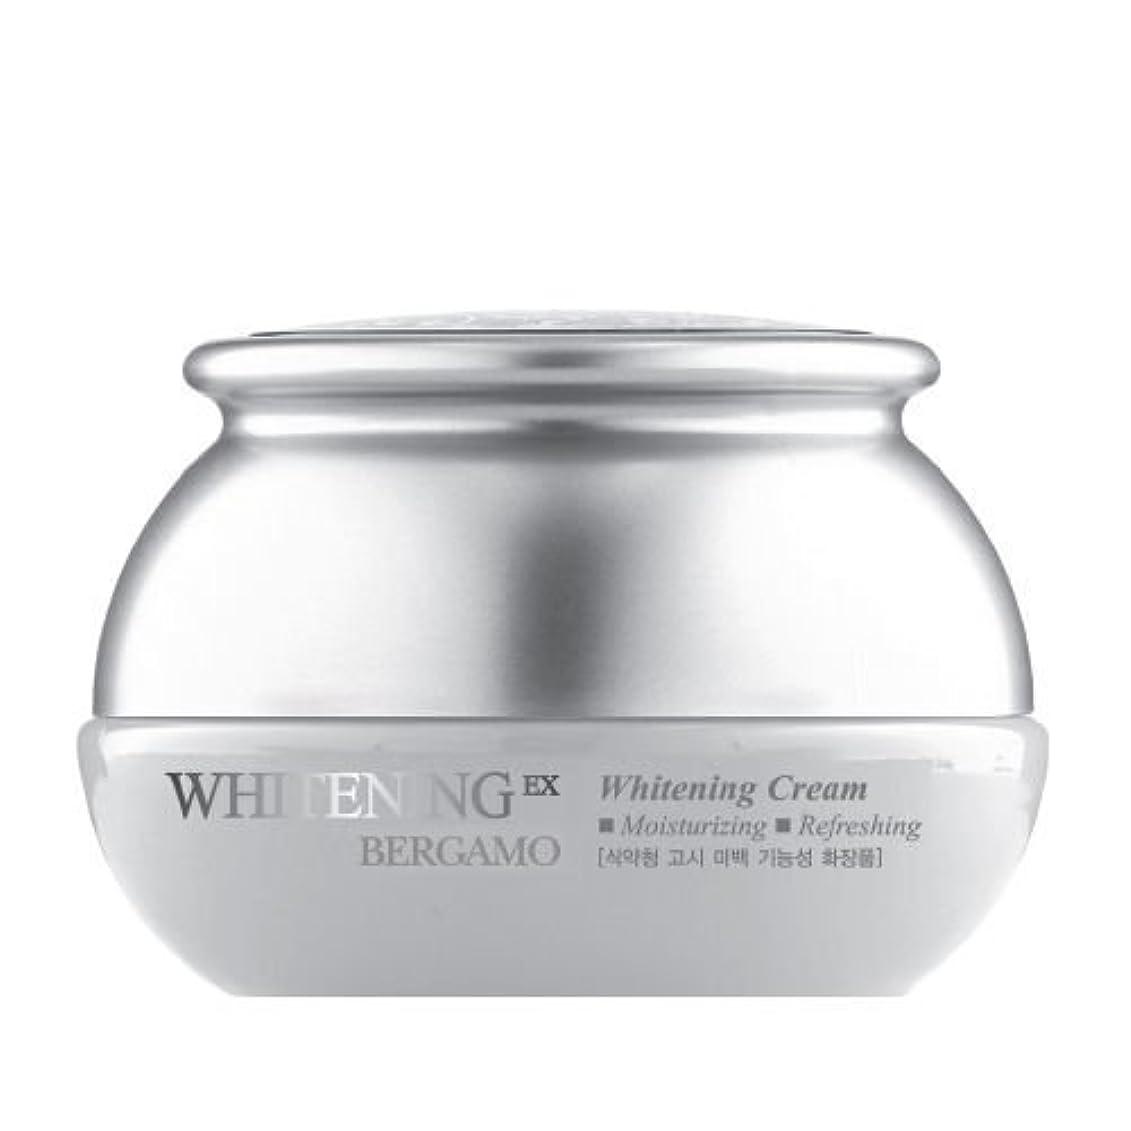 忠誠稚魚上向きベルガモ[韓国コスメBergamo]Whitening EX Wrinkle Care Cream ホワイトニングEXリンクルケアクリーム50ml しわ管理 [並行輸入品]